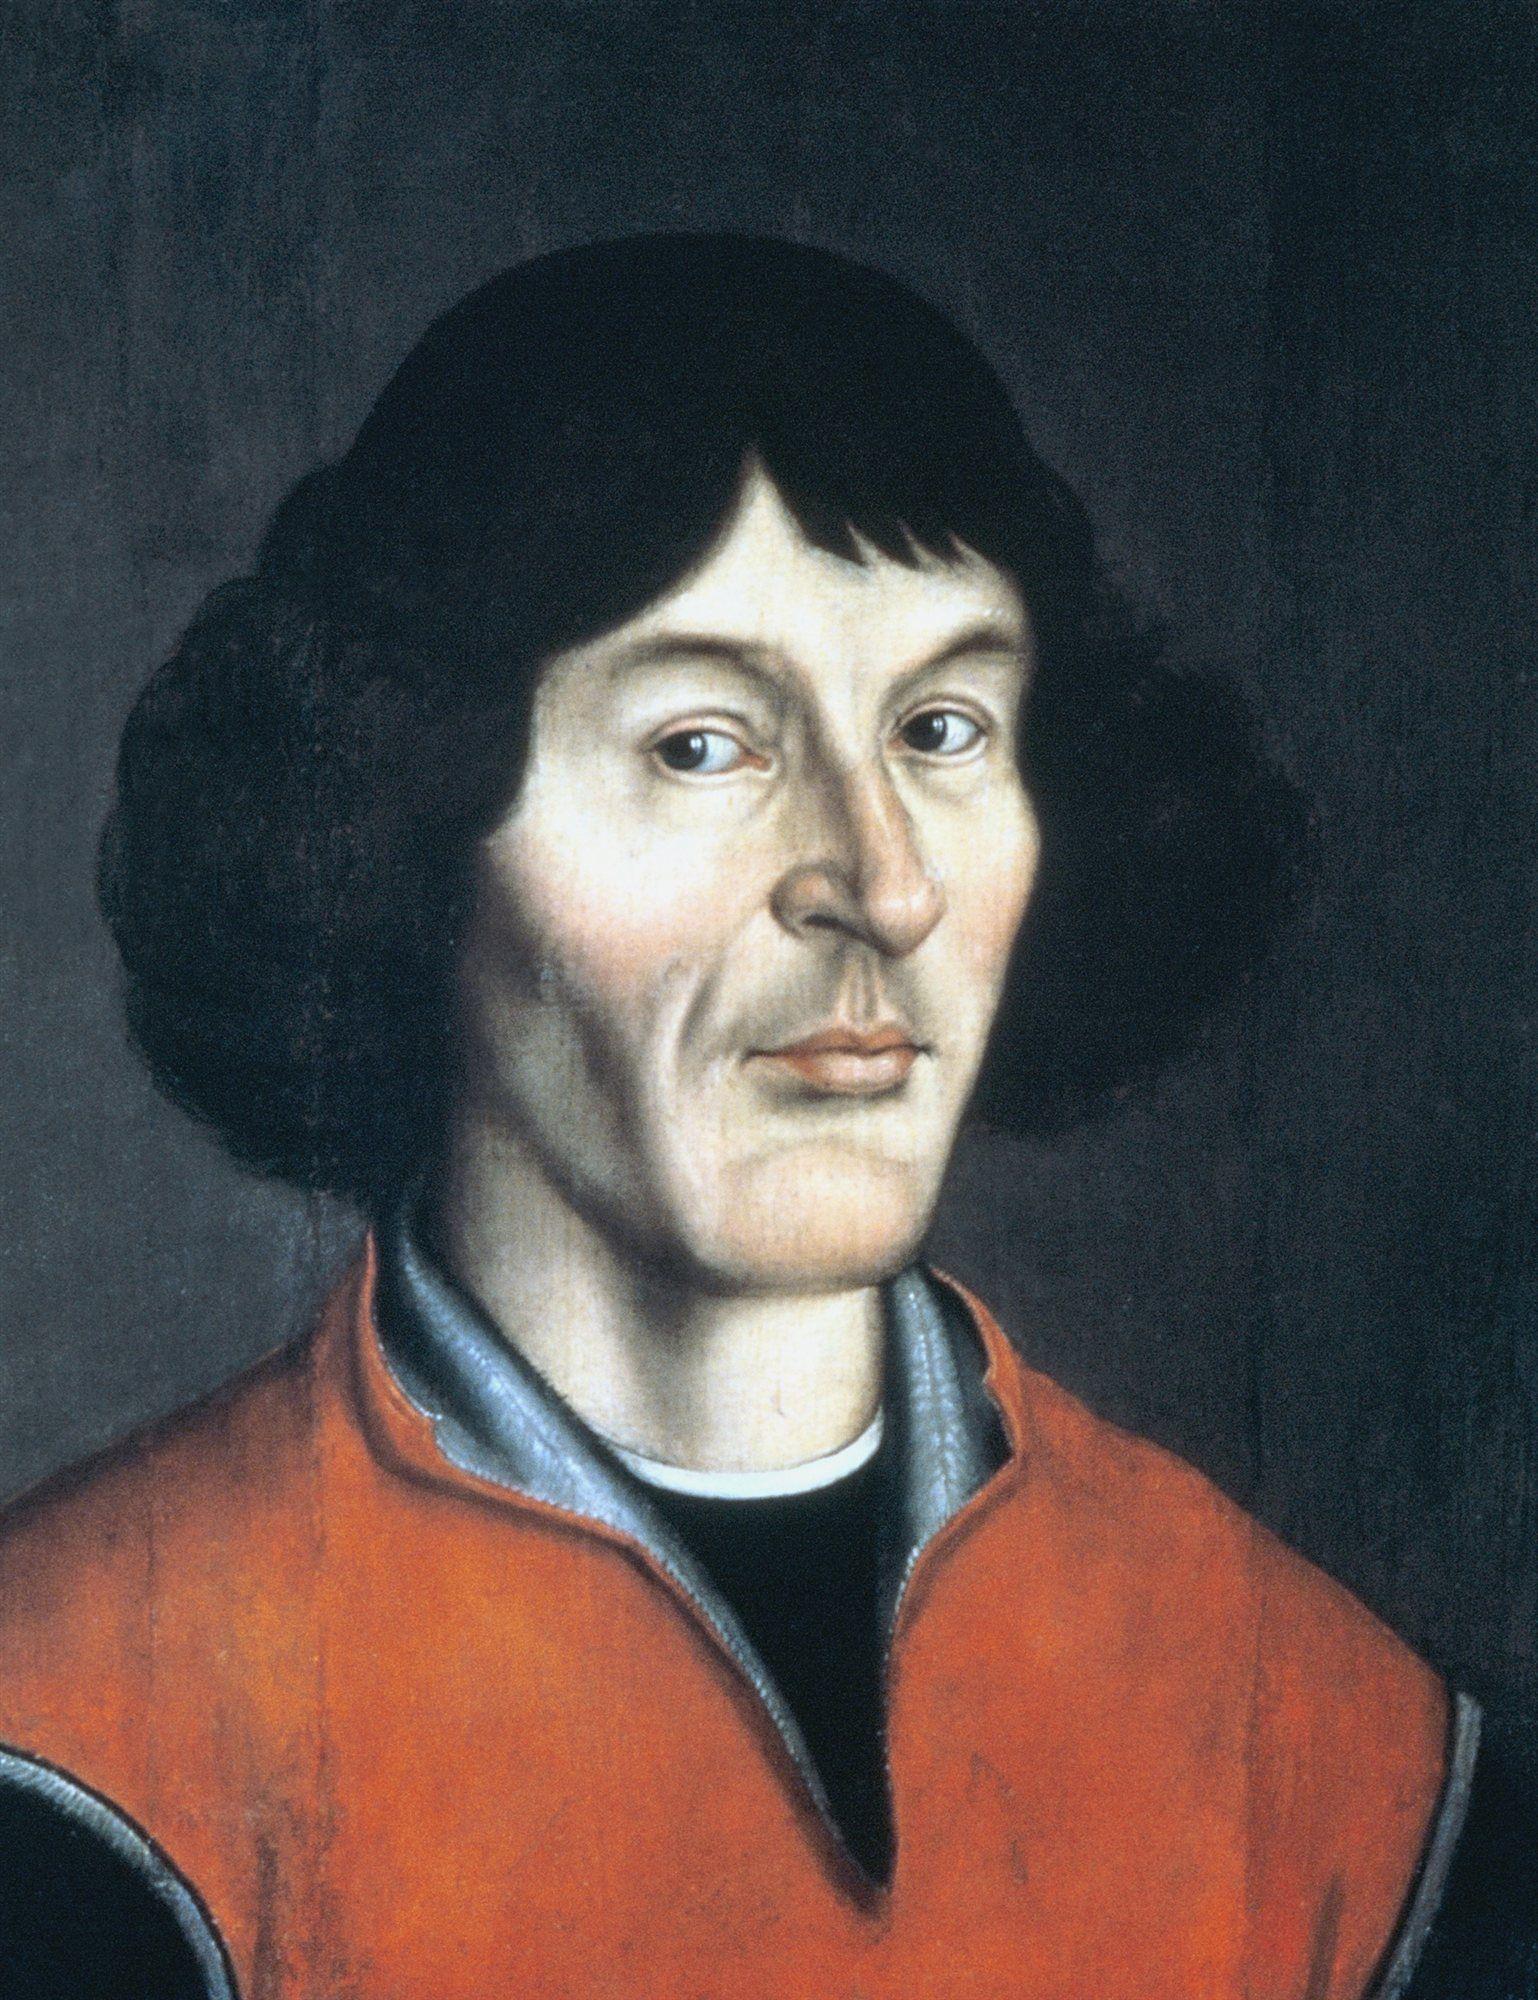 CIENCIAS Y NATURALEZA: ¿Cuál fue el modelo astronómico que presentó Nicolás Copérnico?